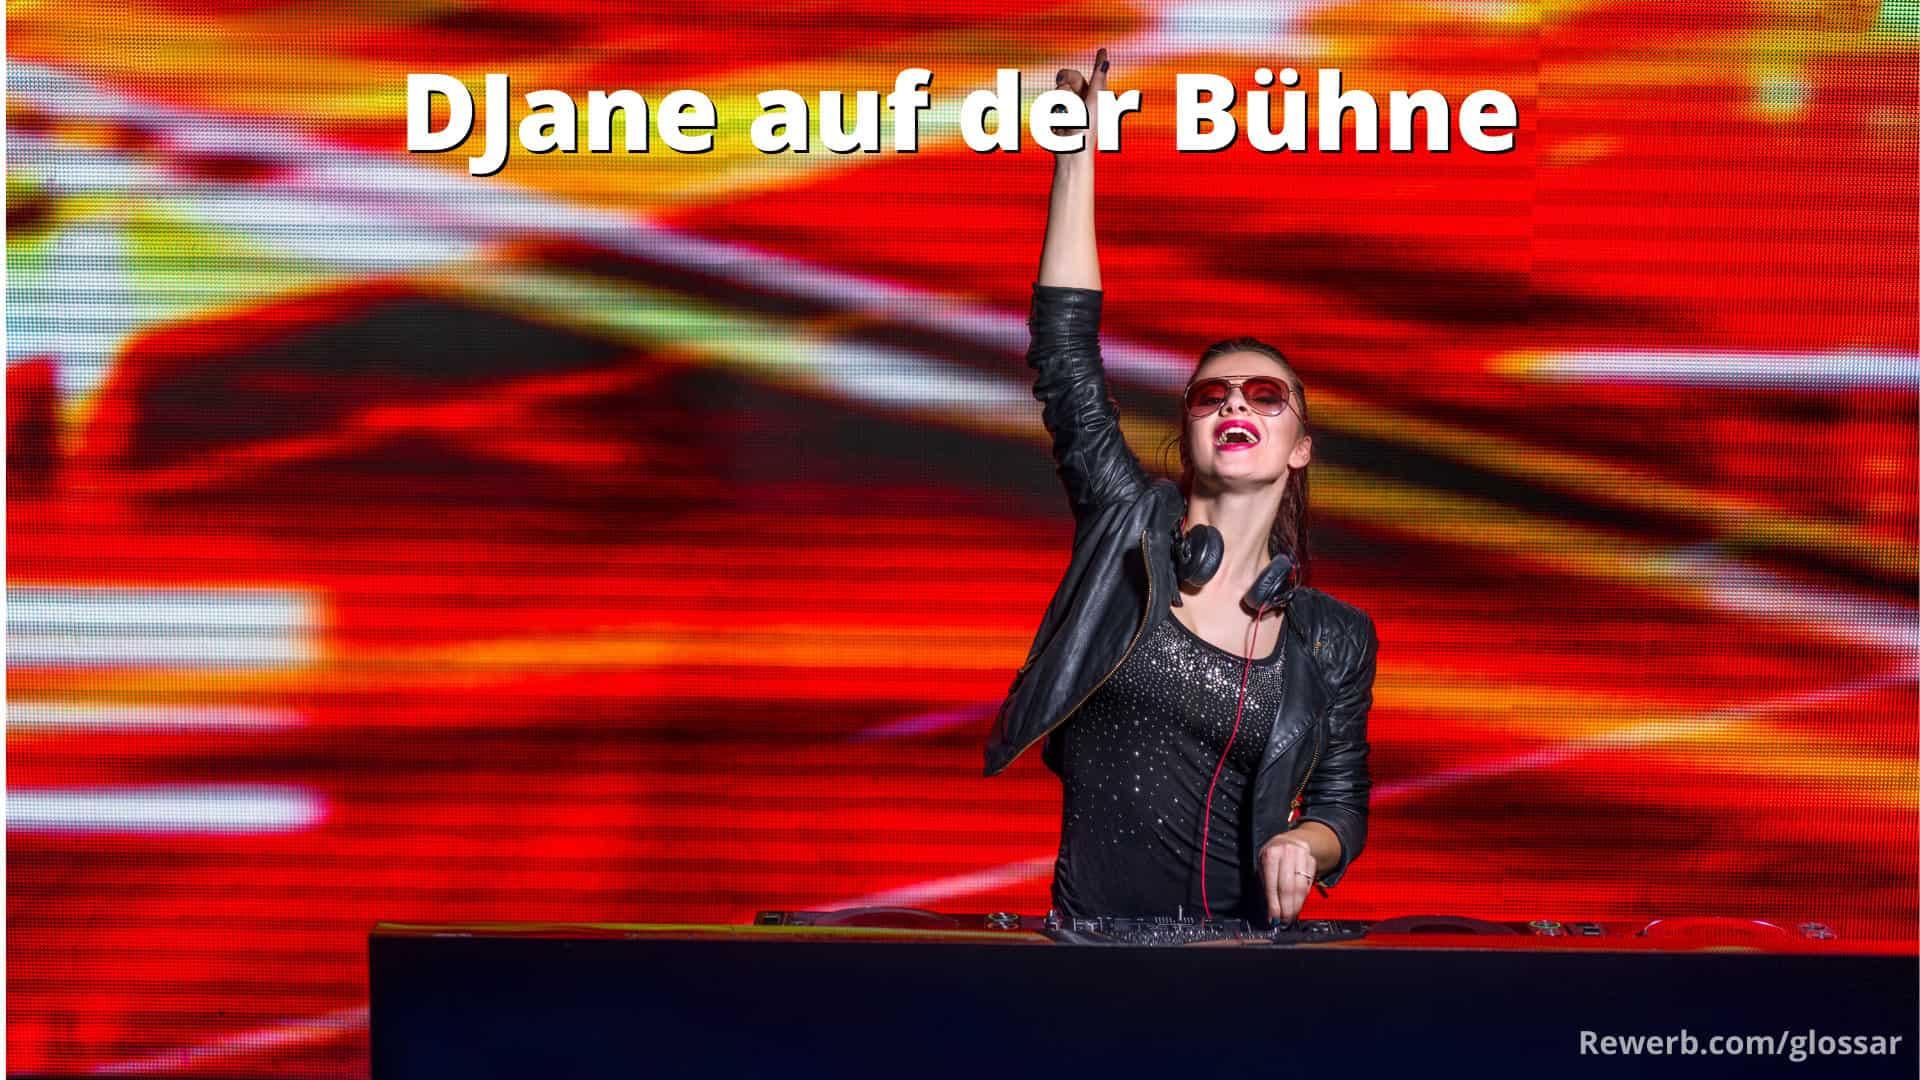 DJane - Weiblicher Discjockey: Kreuzworträtsel Lösung und DJ-Fachbegriff